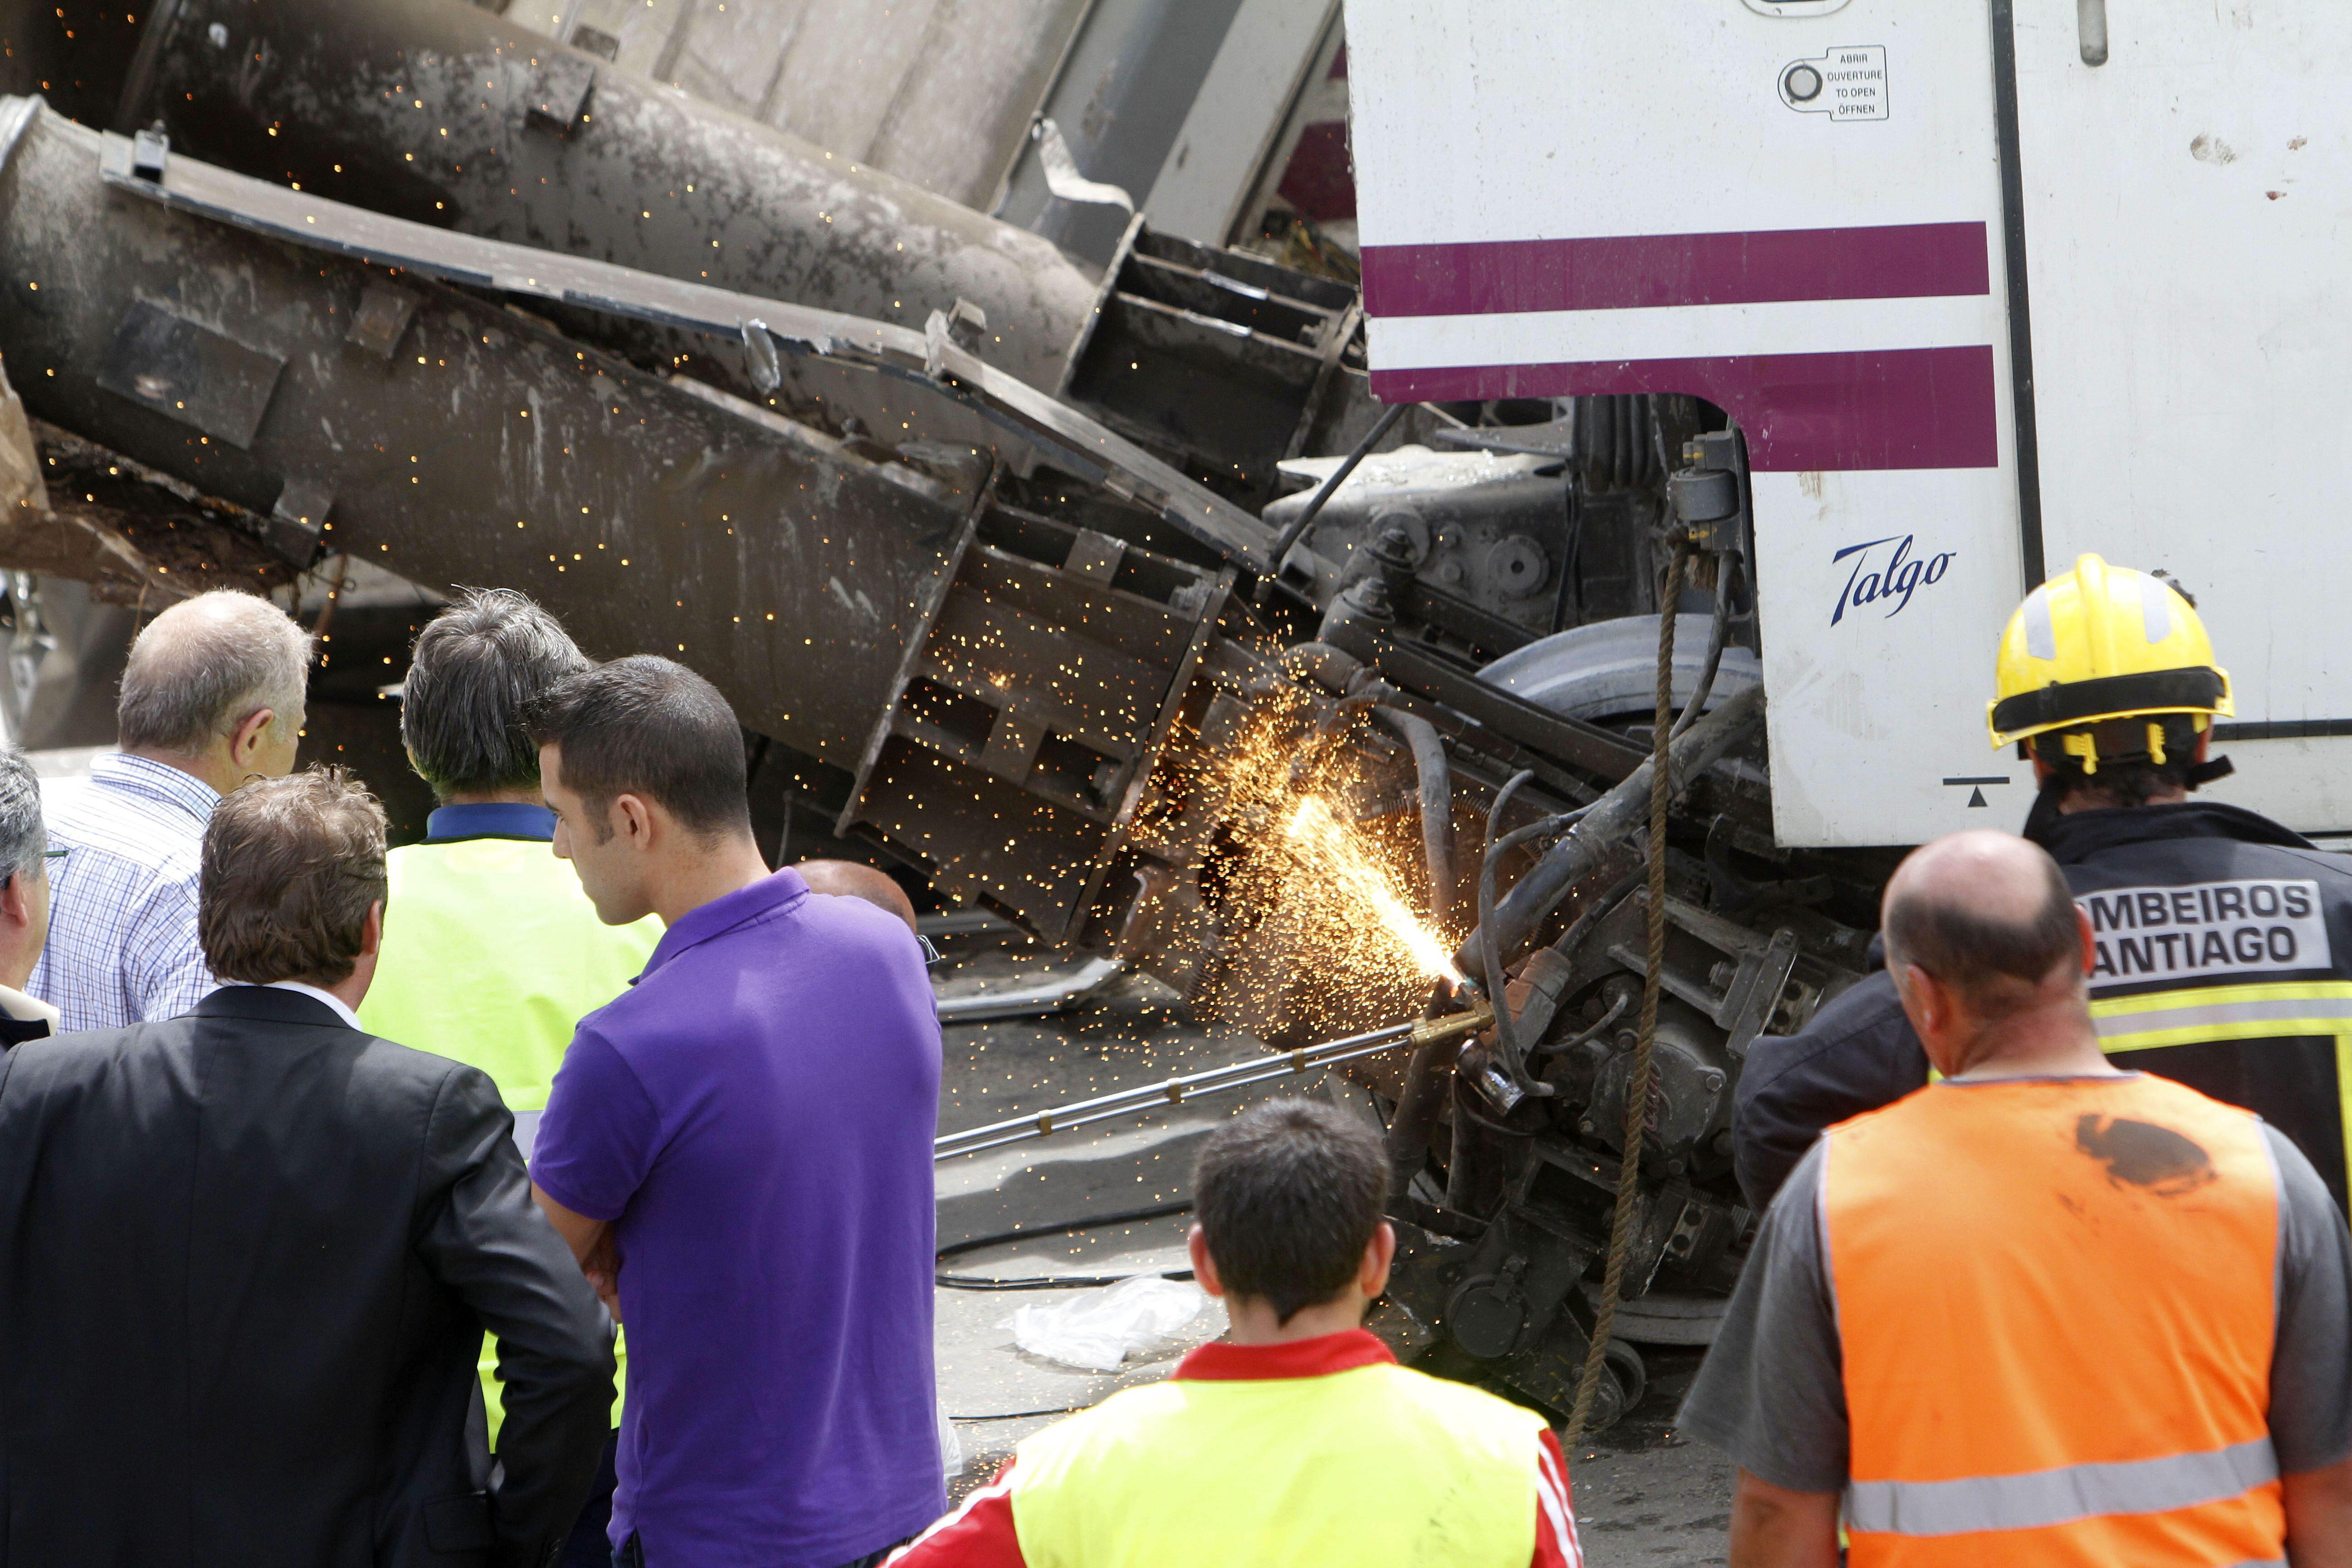 Dos meses después siguen hospitalizados 5 heridos en el accidente de Santiago